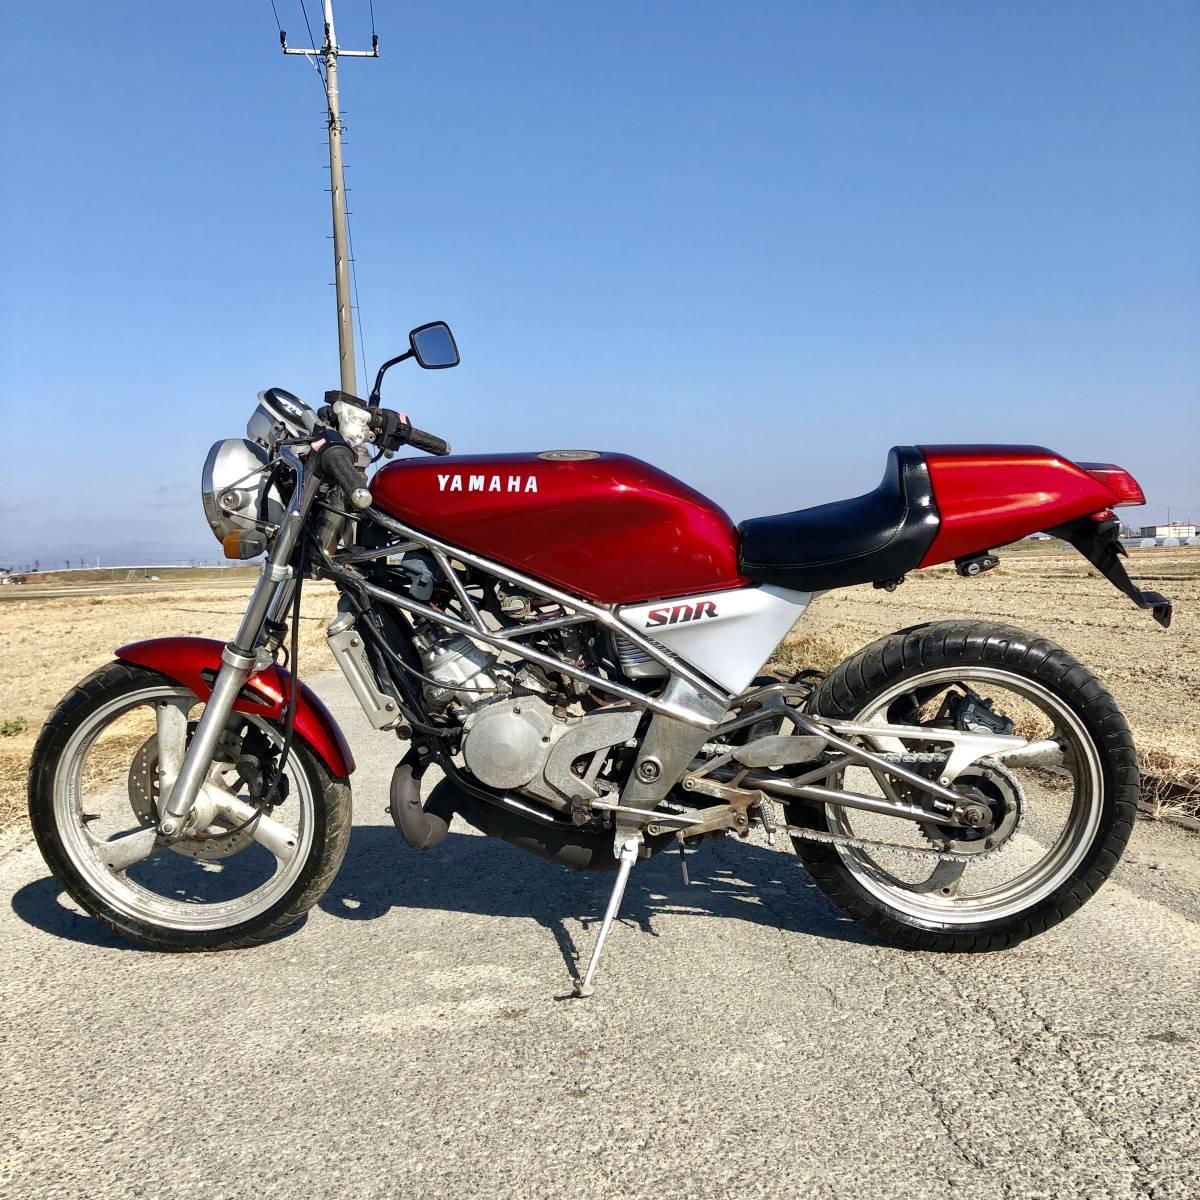 ヤマハSDR200 好調 2スト人気 改 希 少売り切り ホンダスズキカワサキ検)NS TZ MVX VT FW FZR RG R1Z CBR RZ GT NSR TS KR_画像10